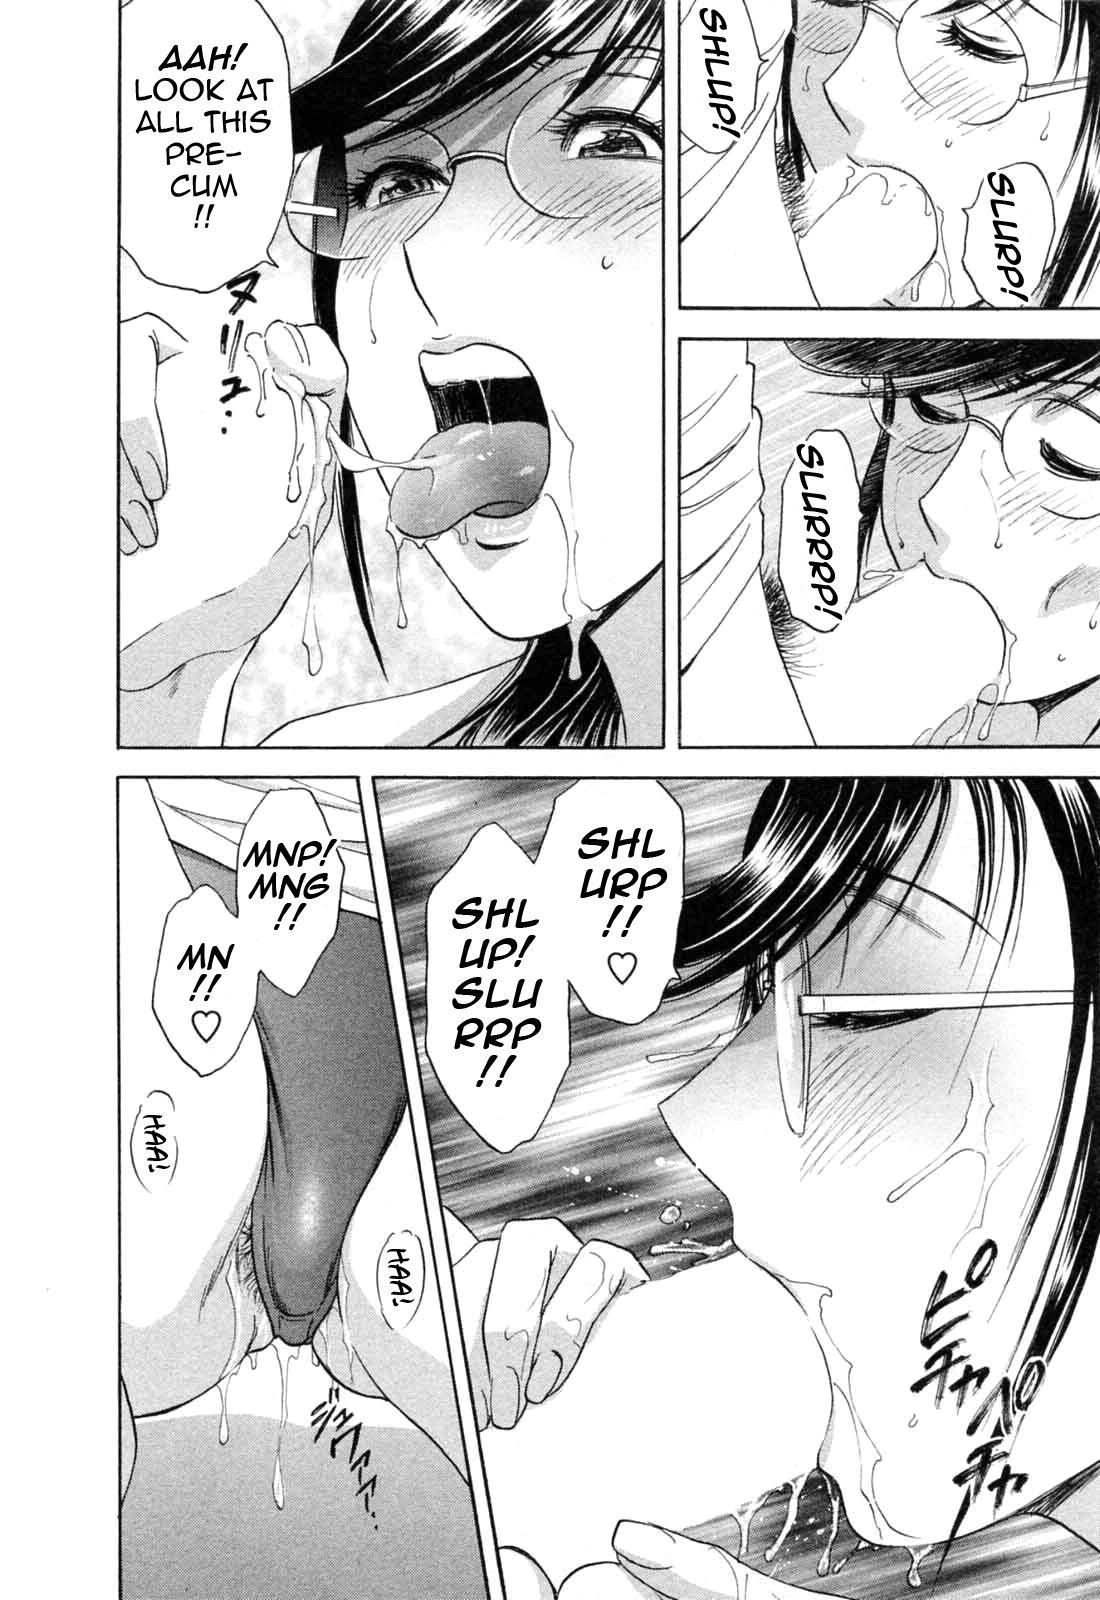 [Hidemaru] Mo-Retsu! Boin Sensei (Boing Boing Teacher) Vol.5 [English] [4dawgz] [Tadanohito] 162